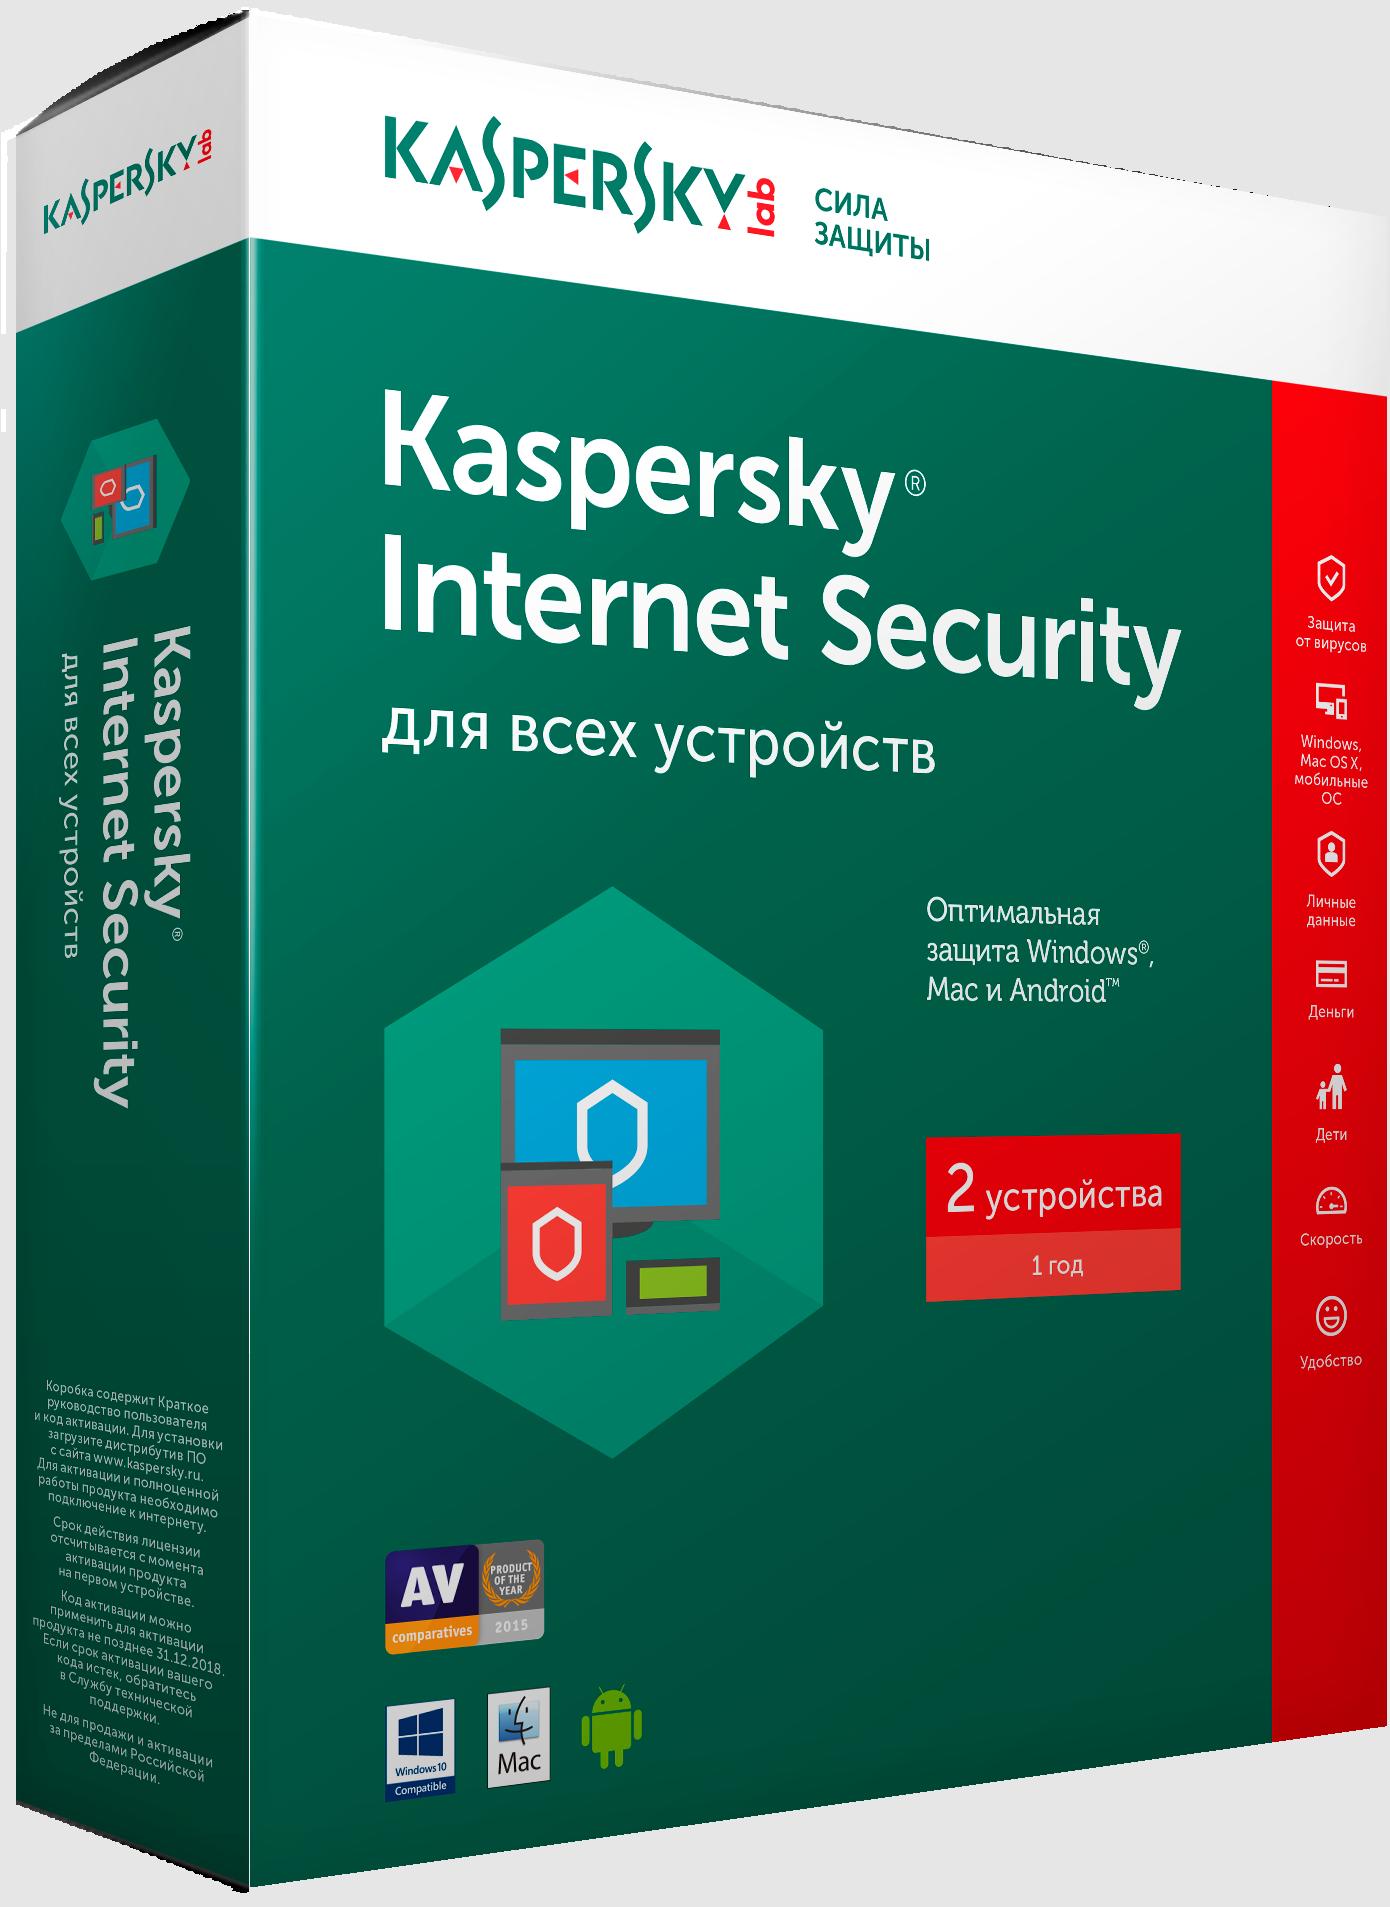 Kaspersky Internet Security для всех устройств (2 устройства, 1 год)